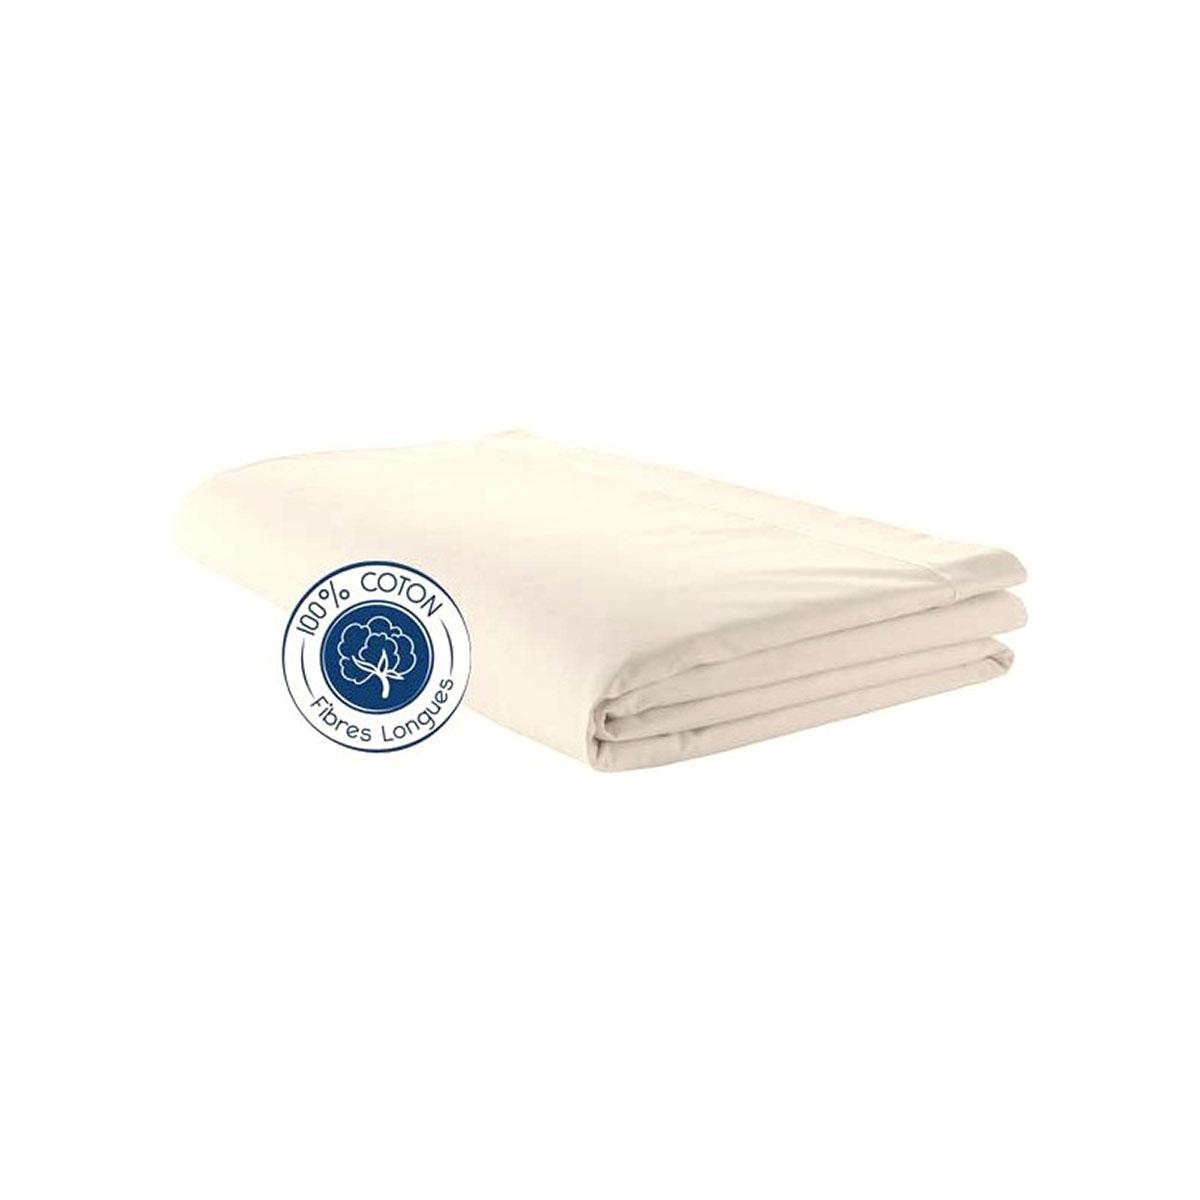 Drap percale 280x325 cm uni coton beige 325x280